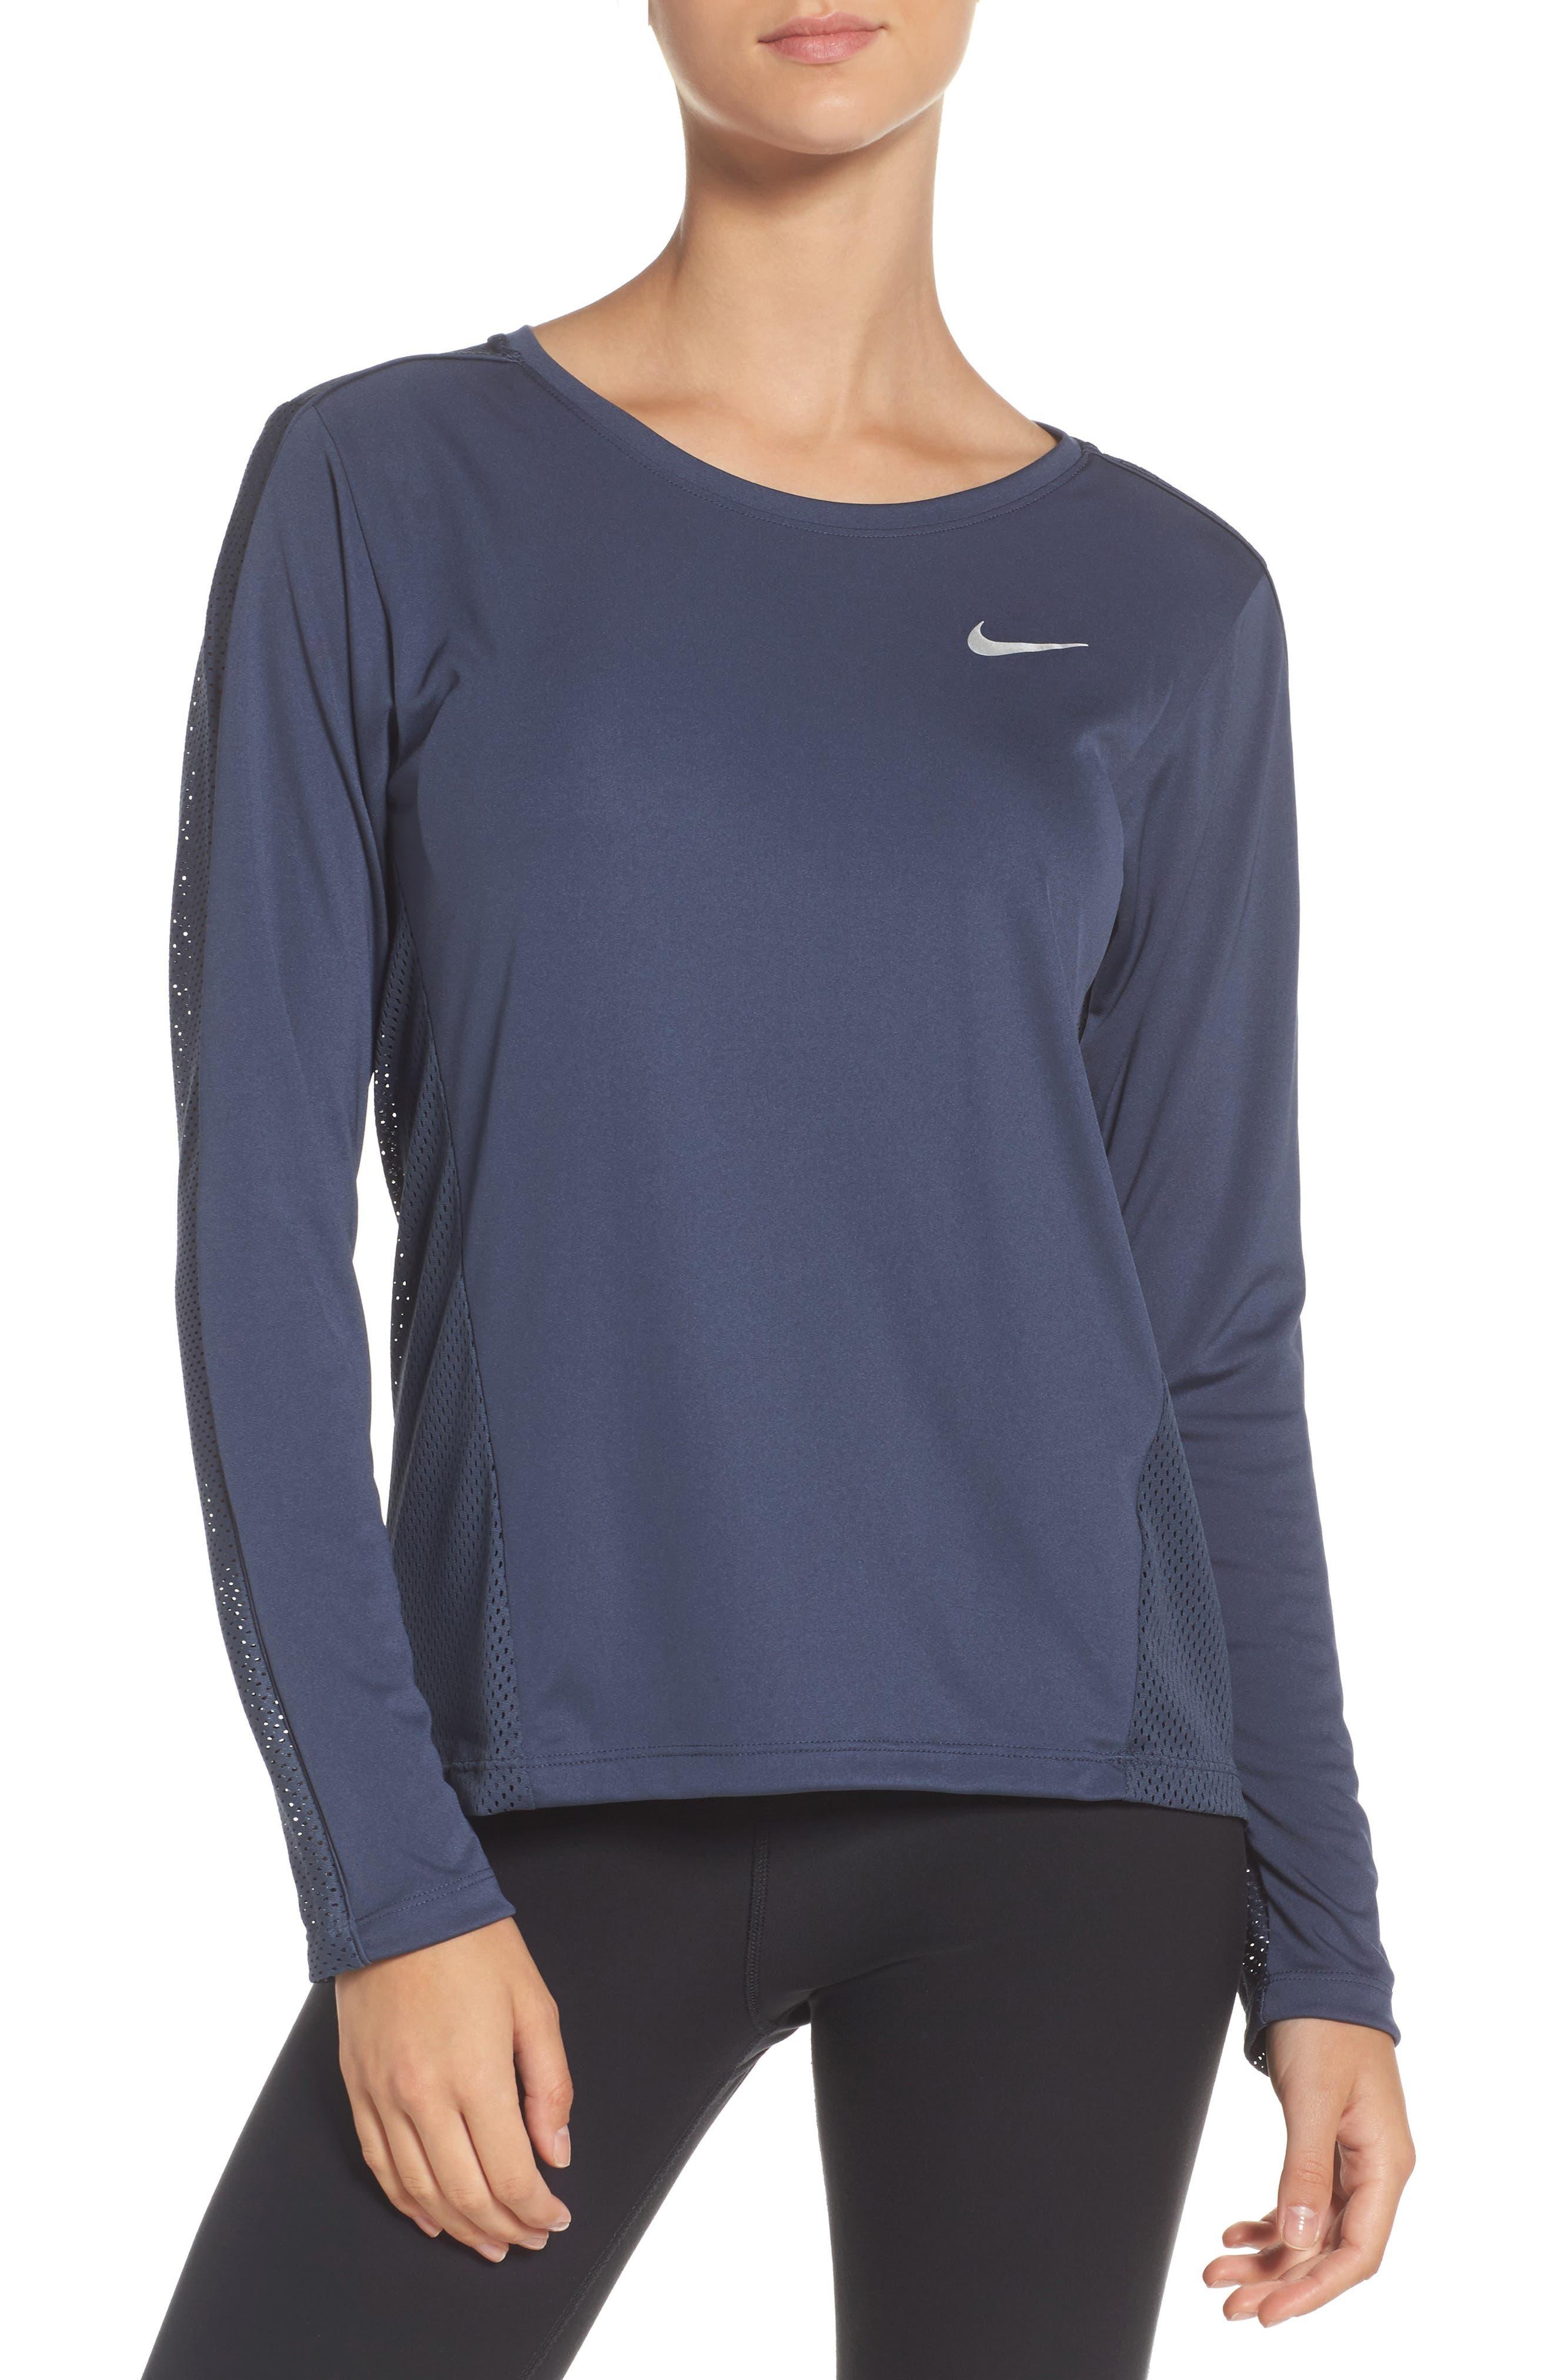 Nike Dry Core Tee